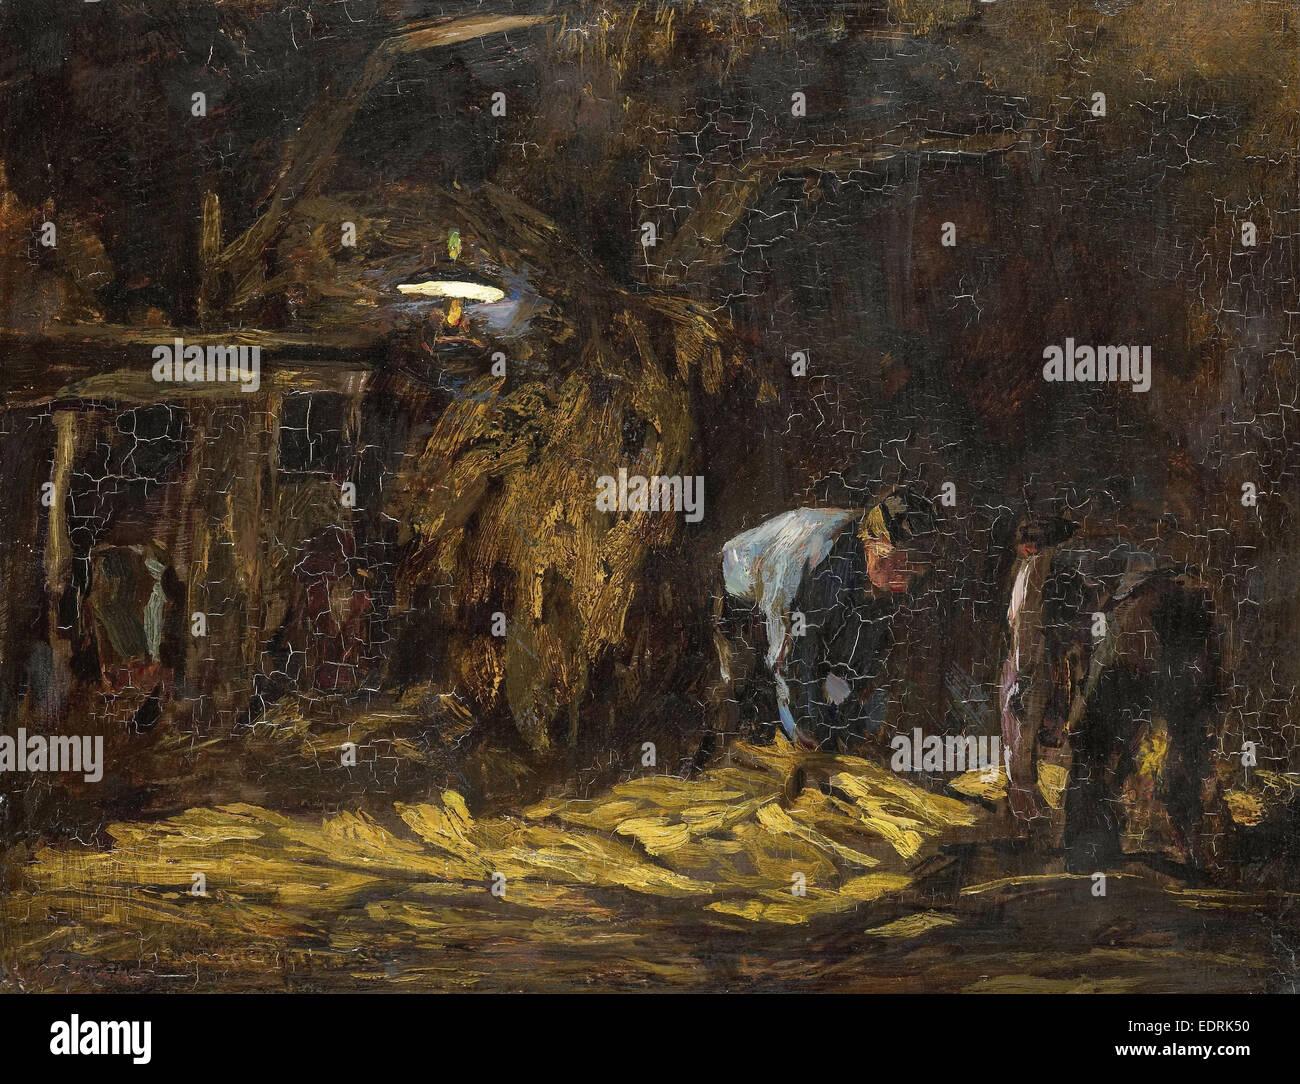 In the barn, Willem de Zwart, 1885 - 1931 - Stock Image